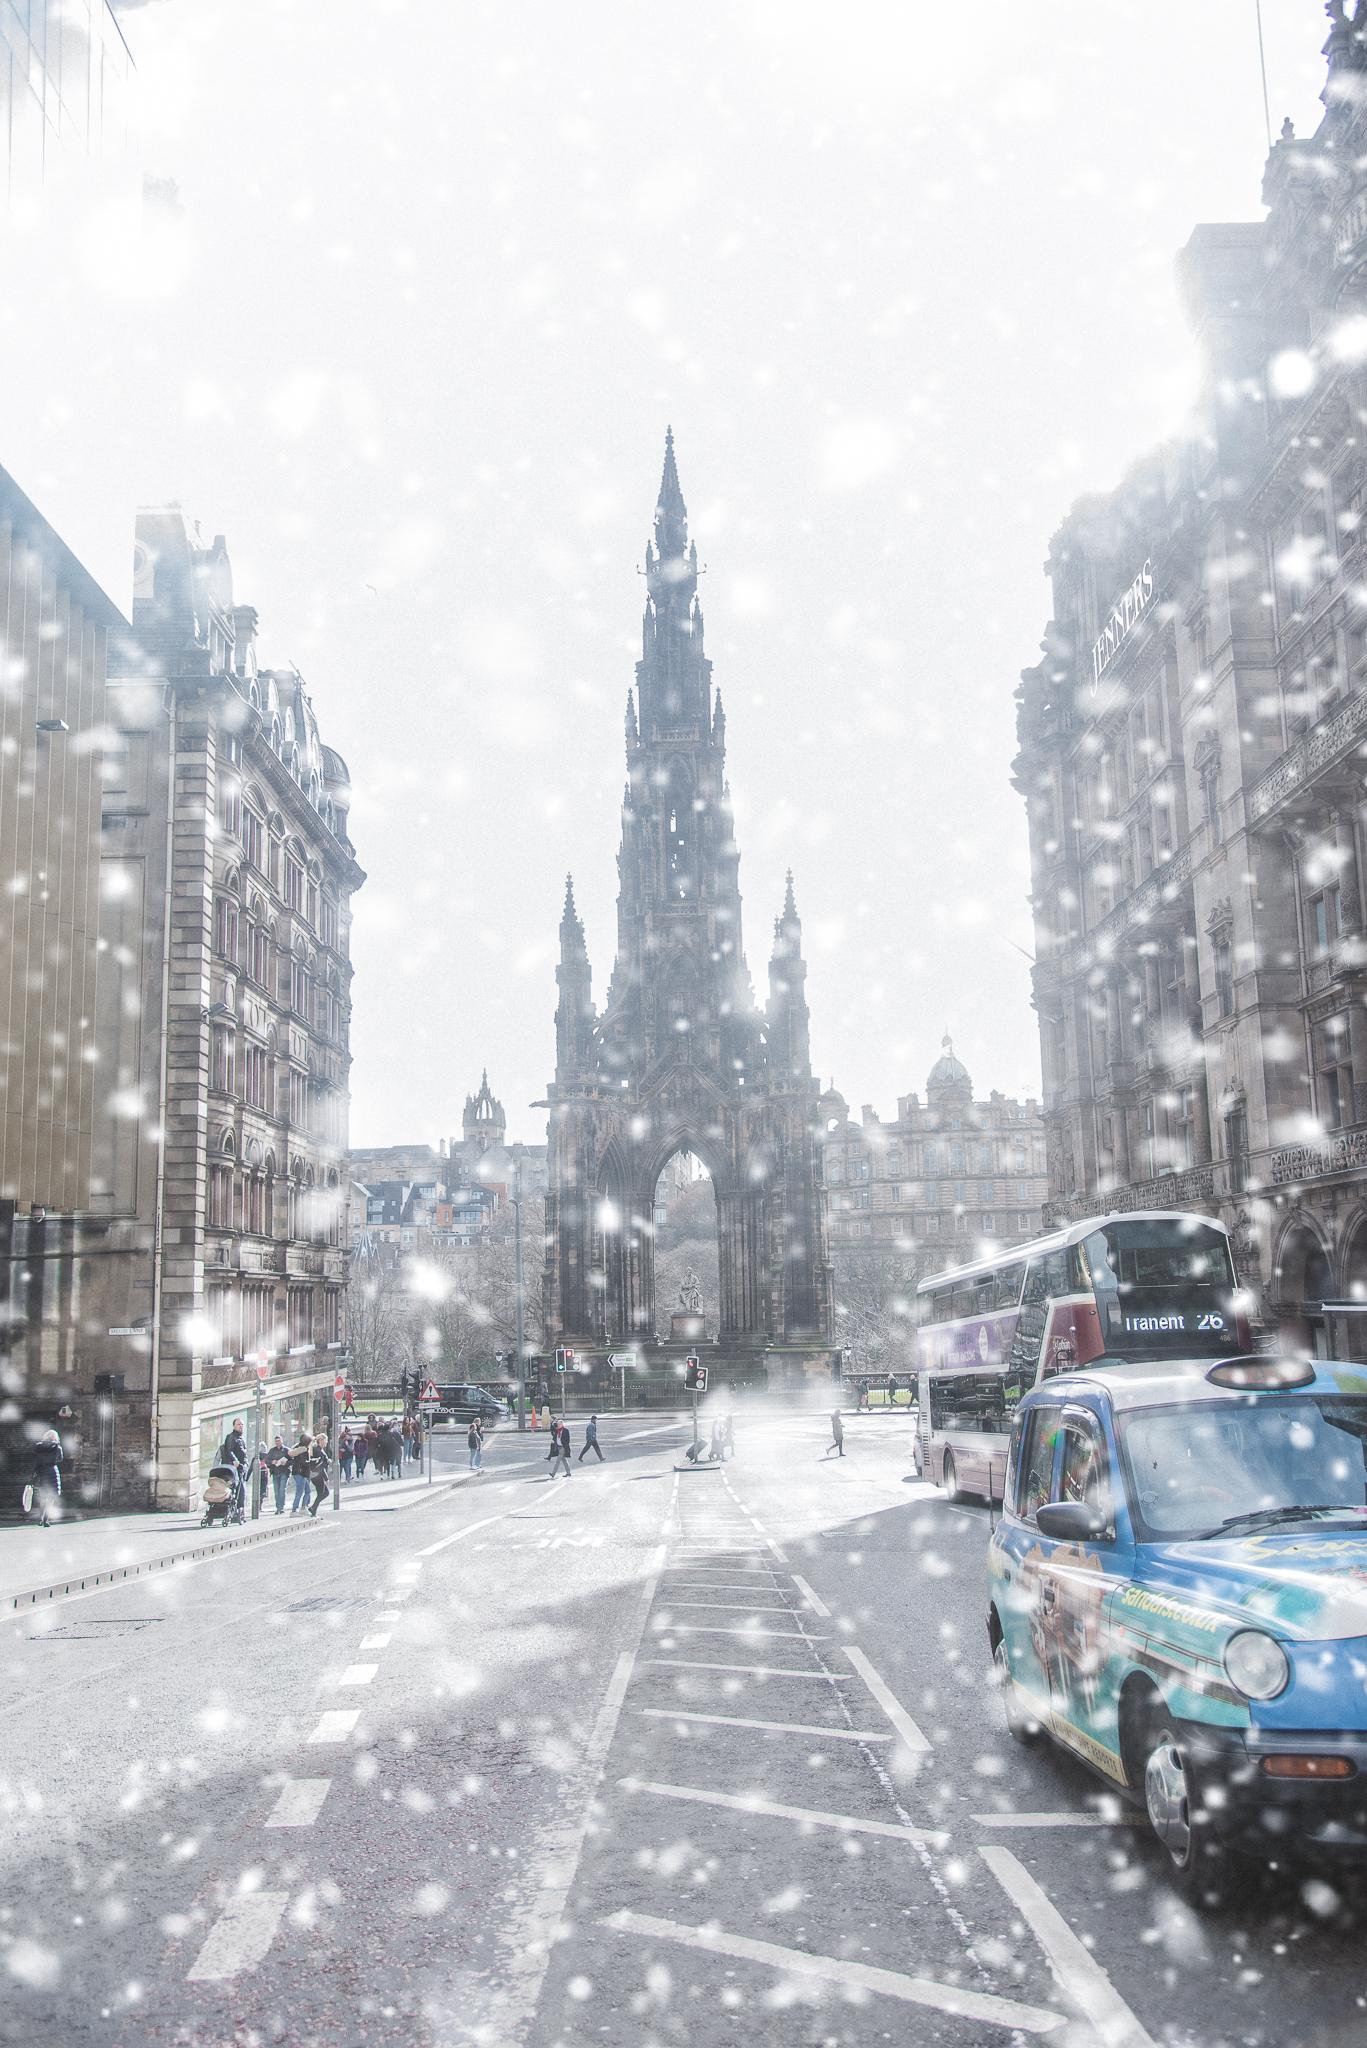 sir walter scott, monument, edinburgh, scotland, snow, architecture